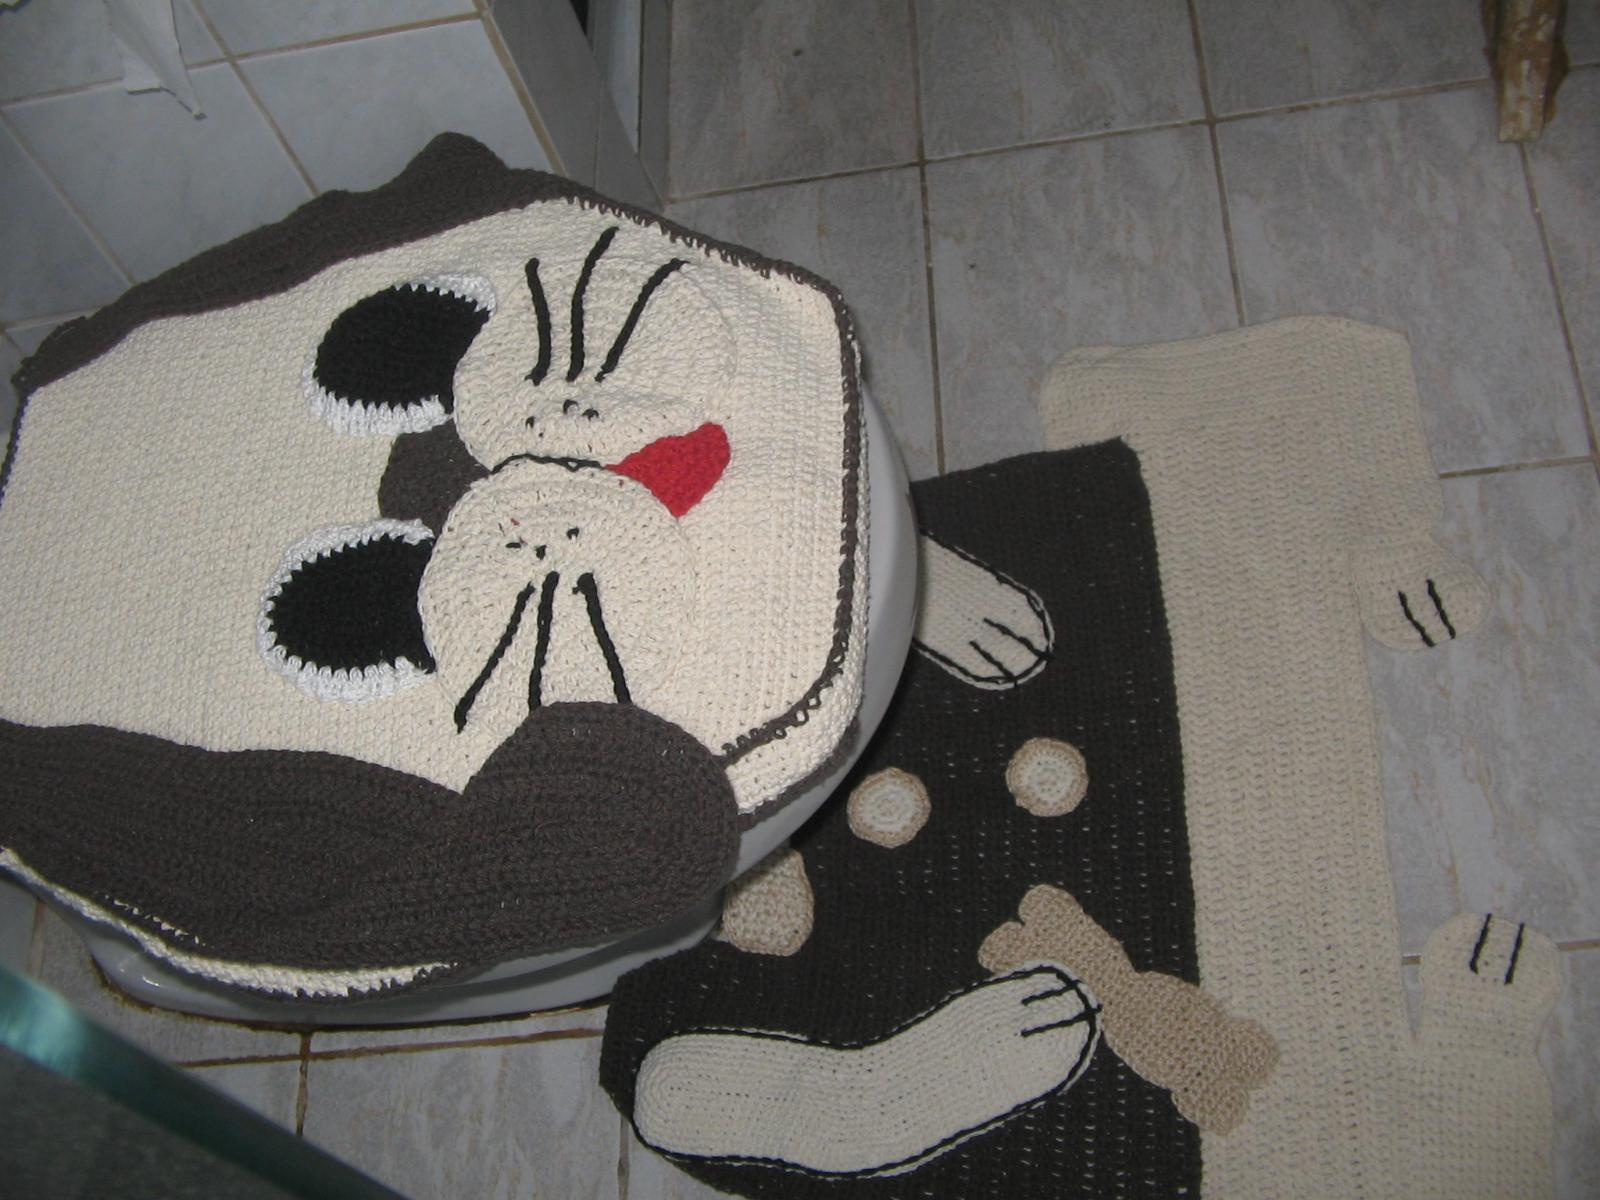 Jogo de Banheiro Cachorro Jogo de Banheiro Cachorro Jogo de Banheiro  #694948 1600x1200 Banheiro De Cachorro Funciona